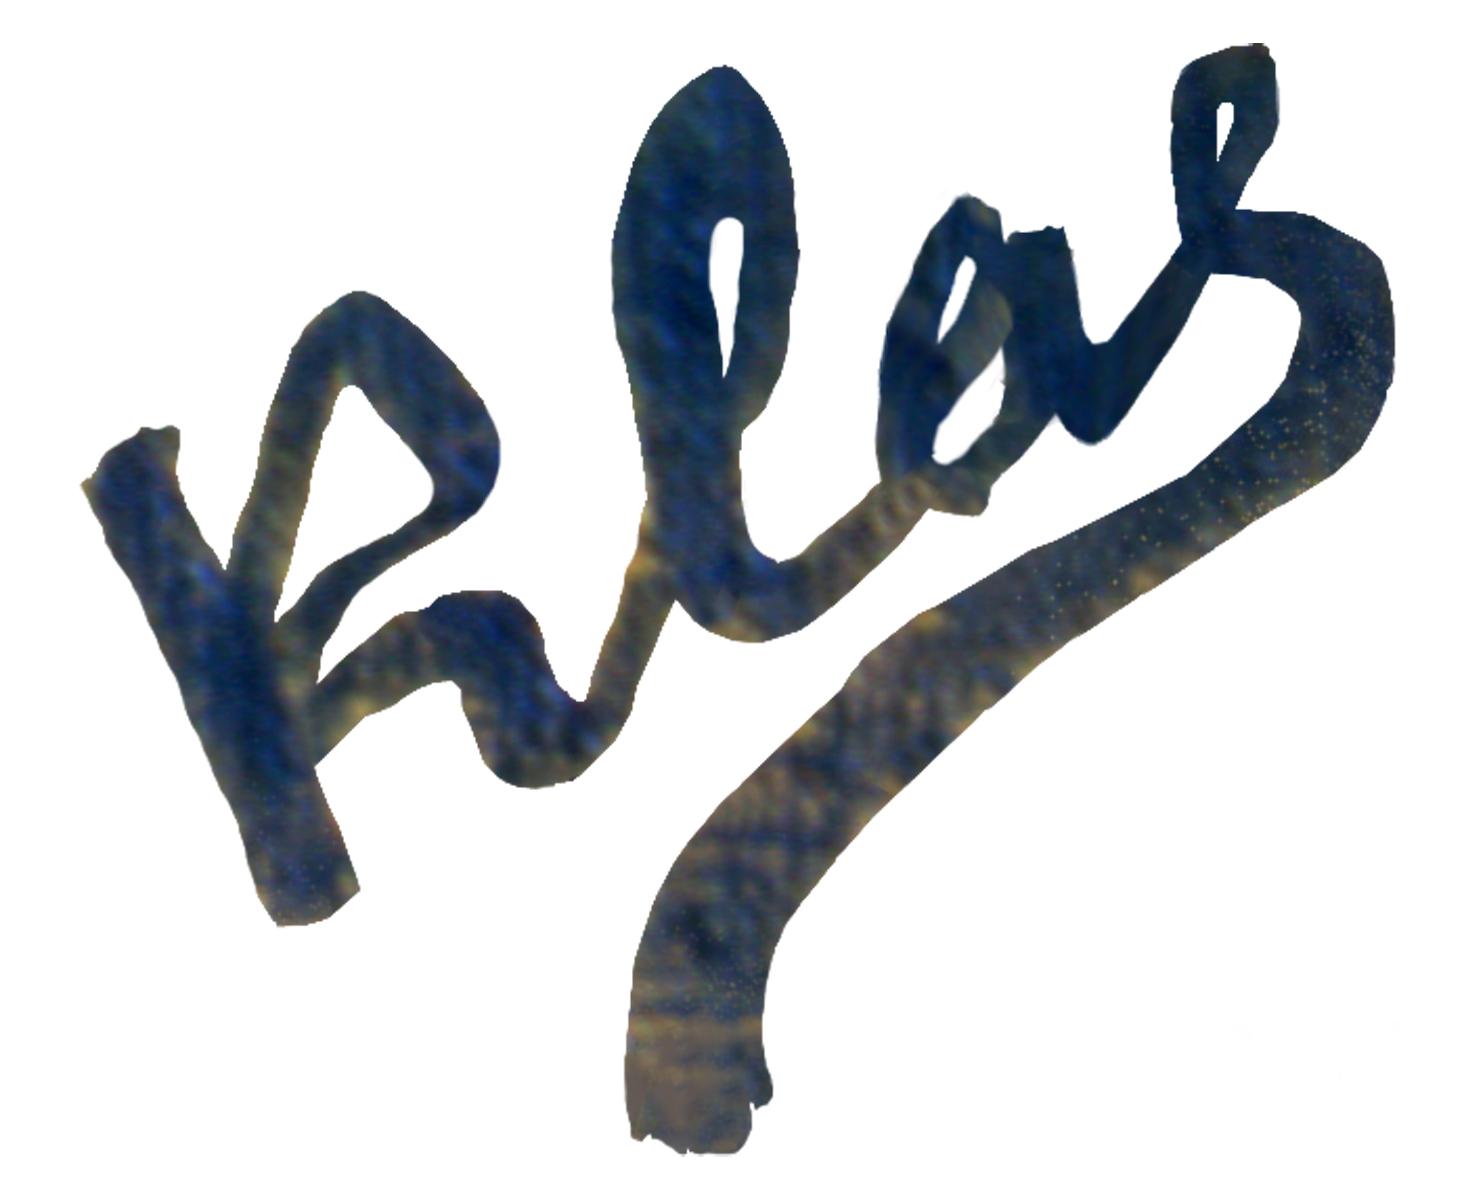 Alex Klas Signature